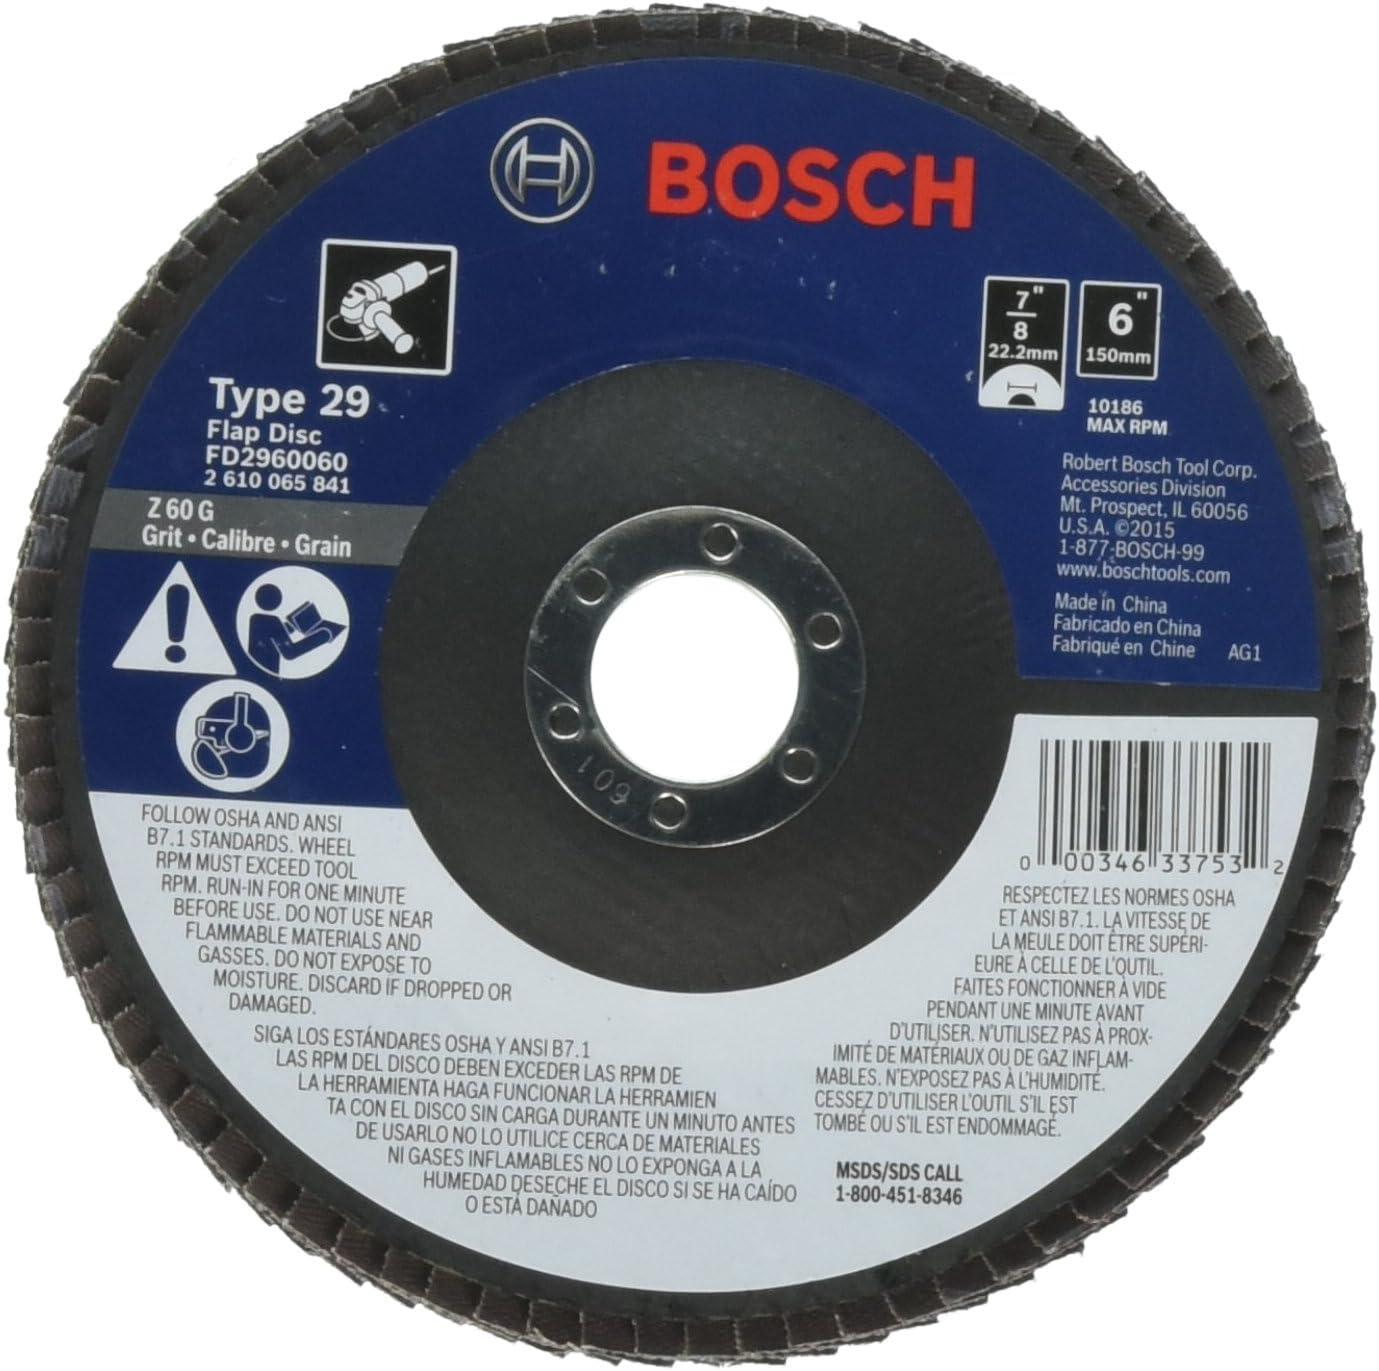 قرص فلاب من بوش، FD2960060 النوع 29 60-Grit، شاشة 6 انش، أربور، 10 قطع